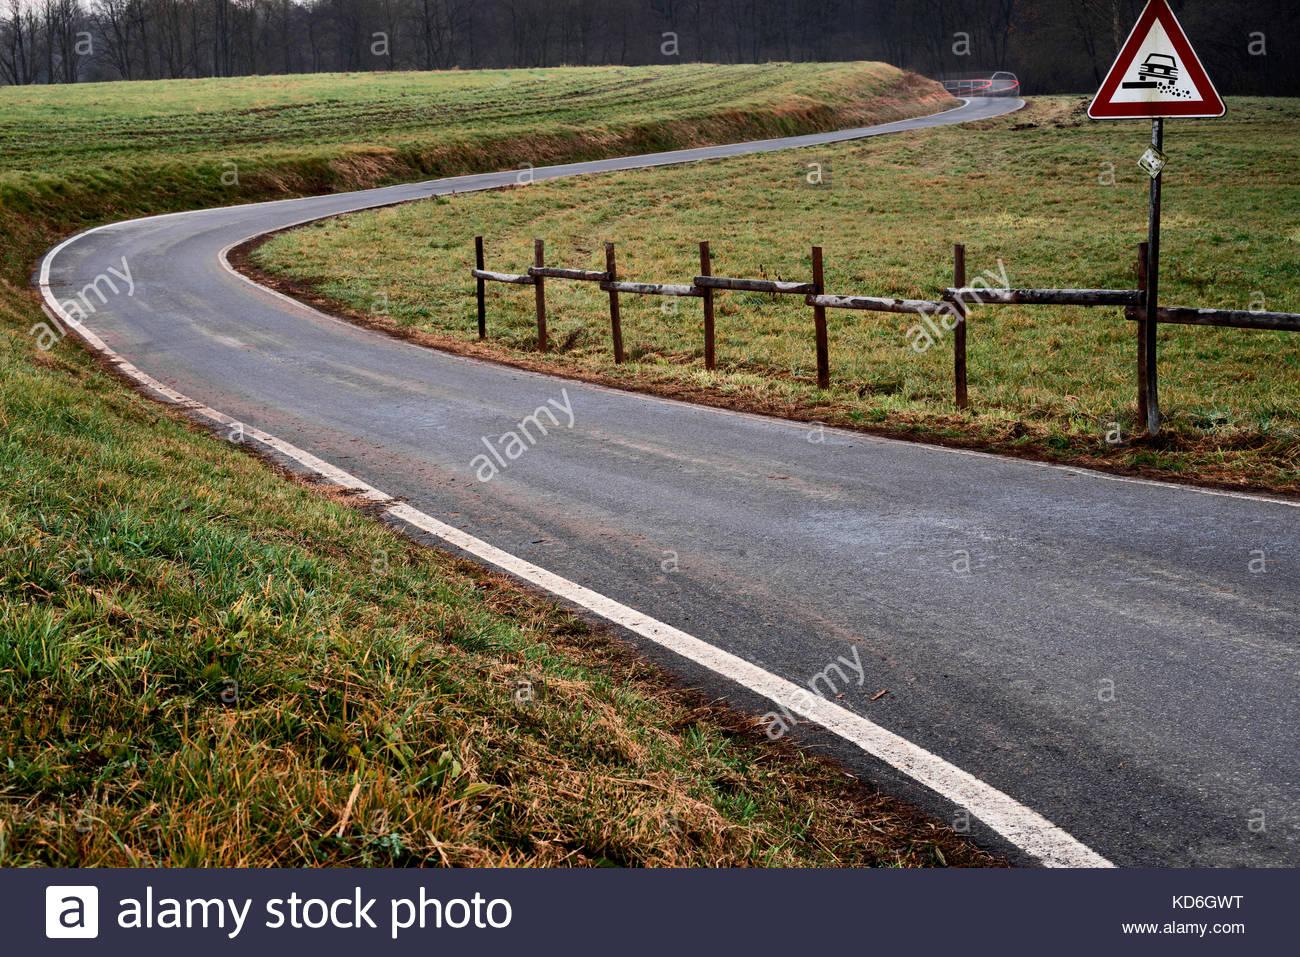 Dangerous car driving - Stock Image